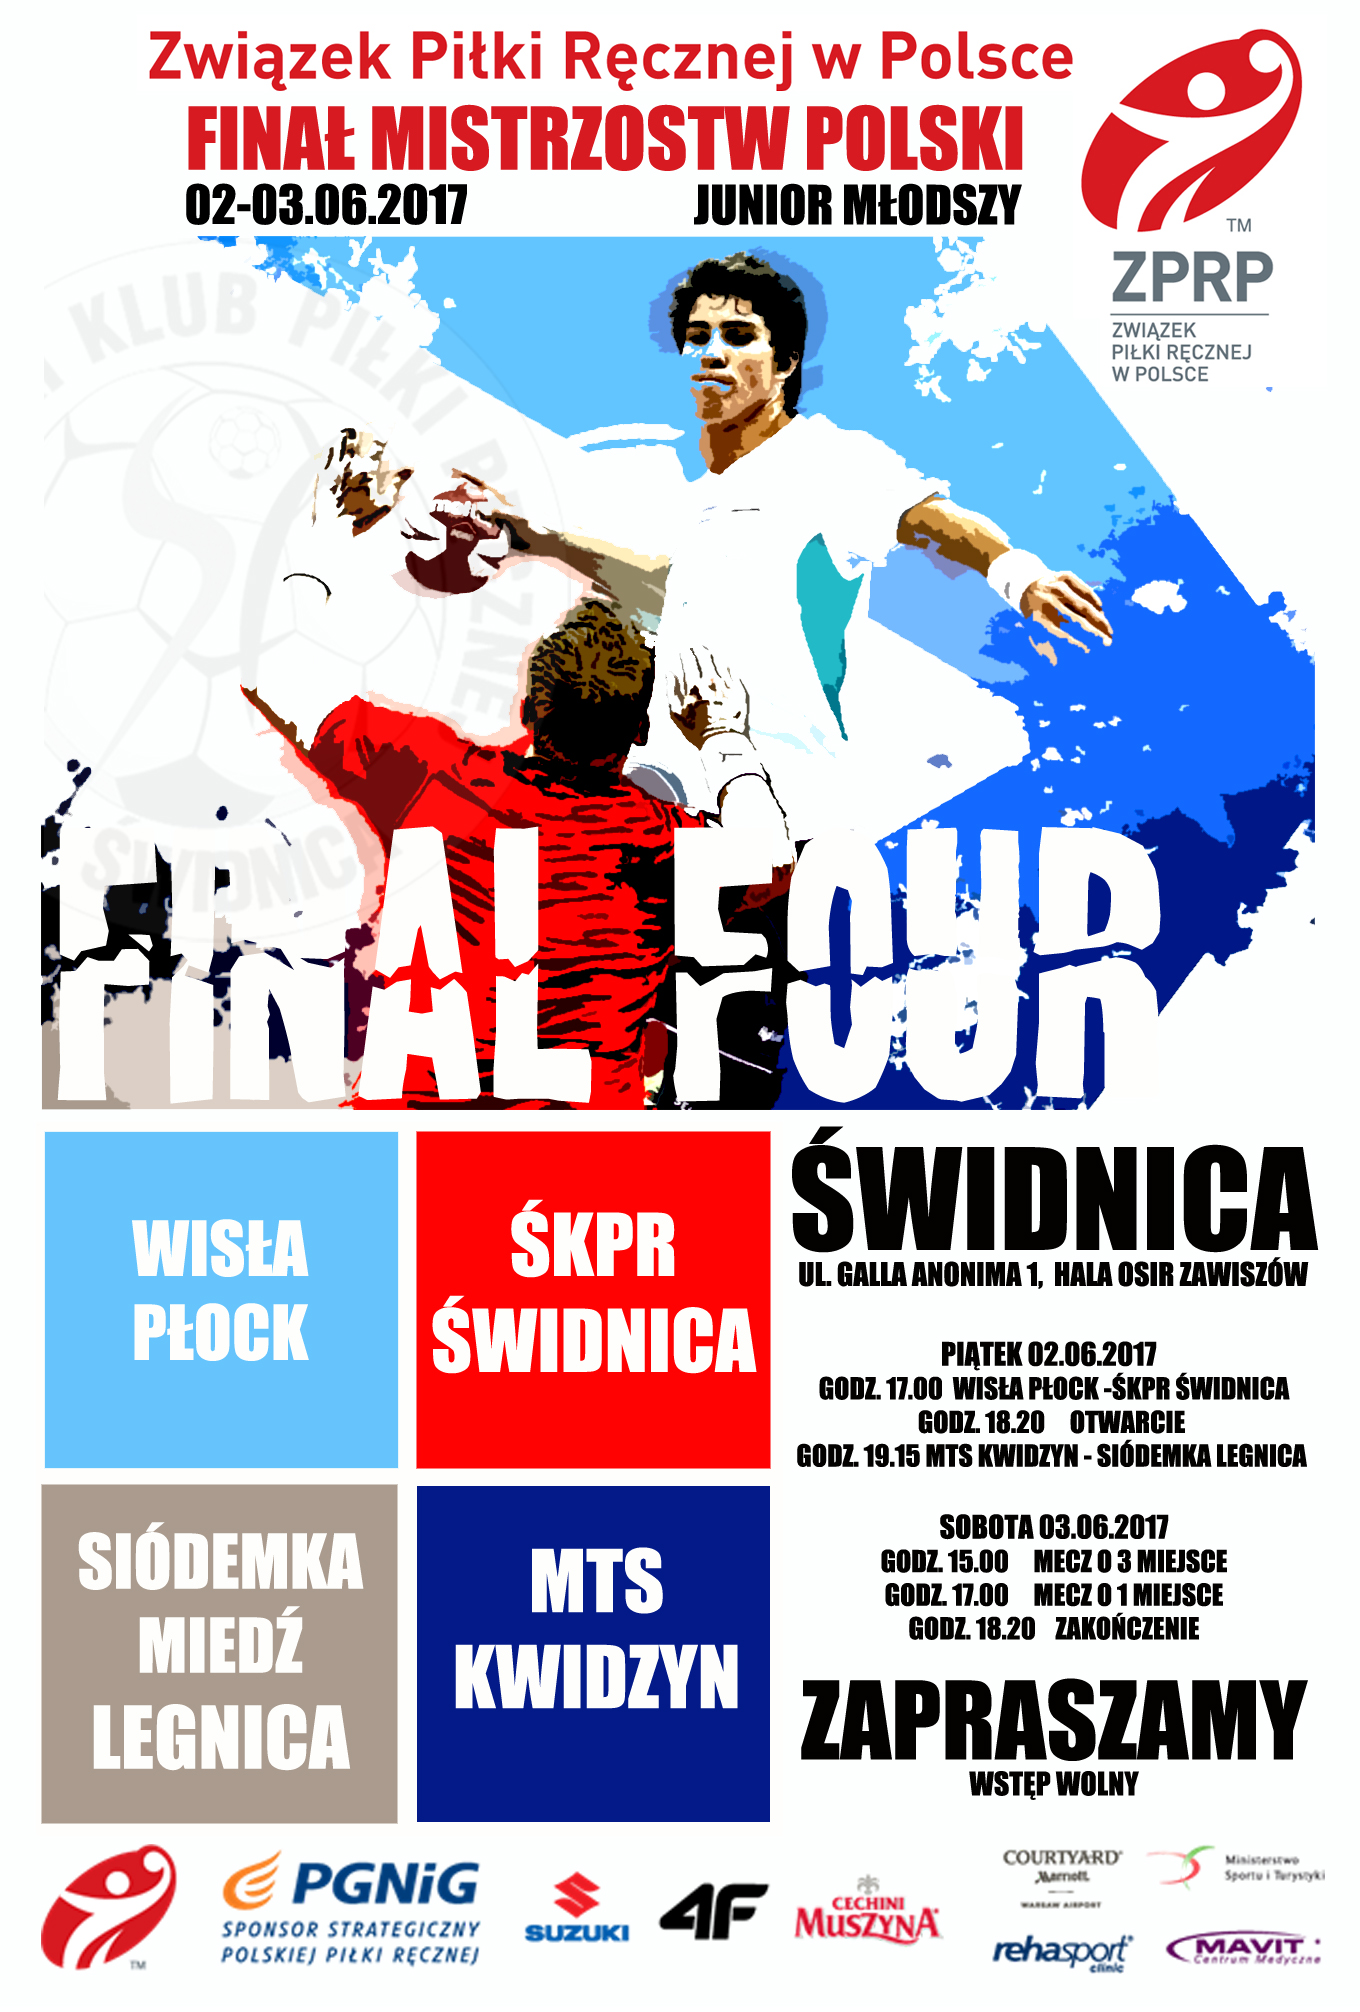 f4_swidnica_plakat